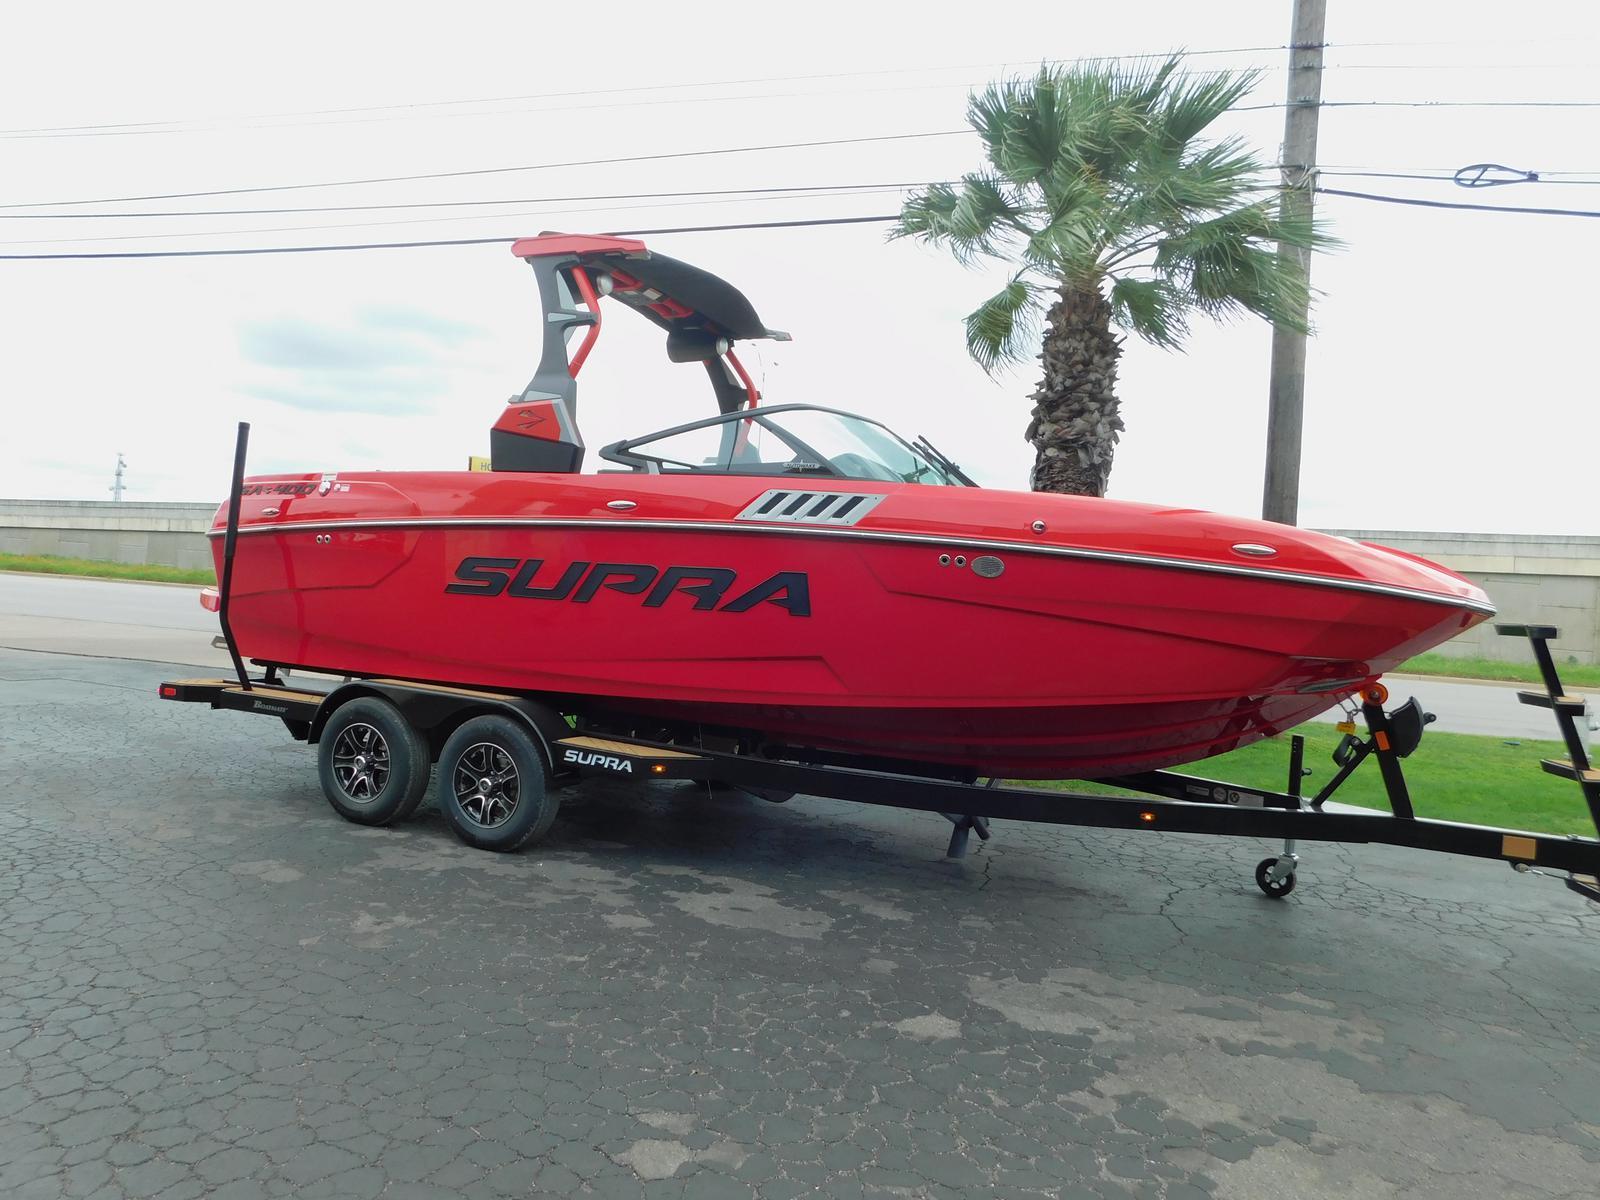 Supra SA 400